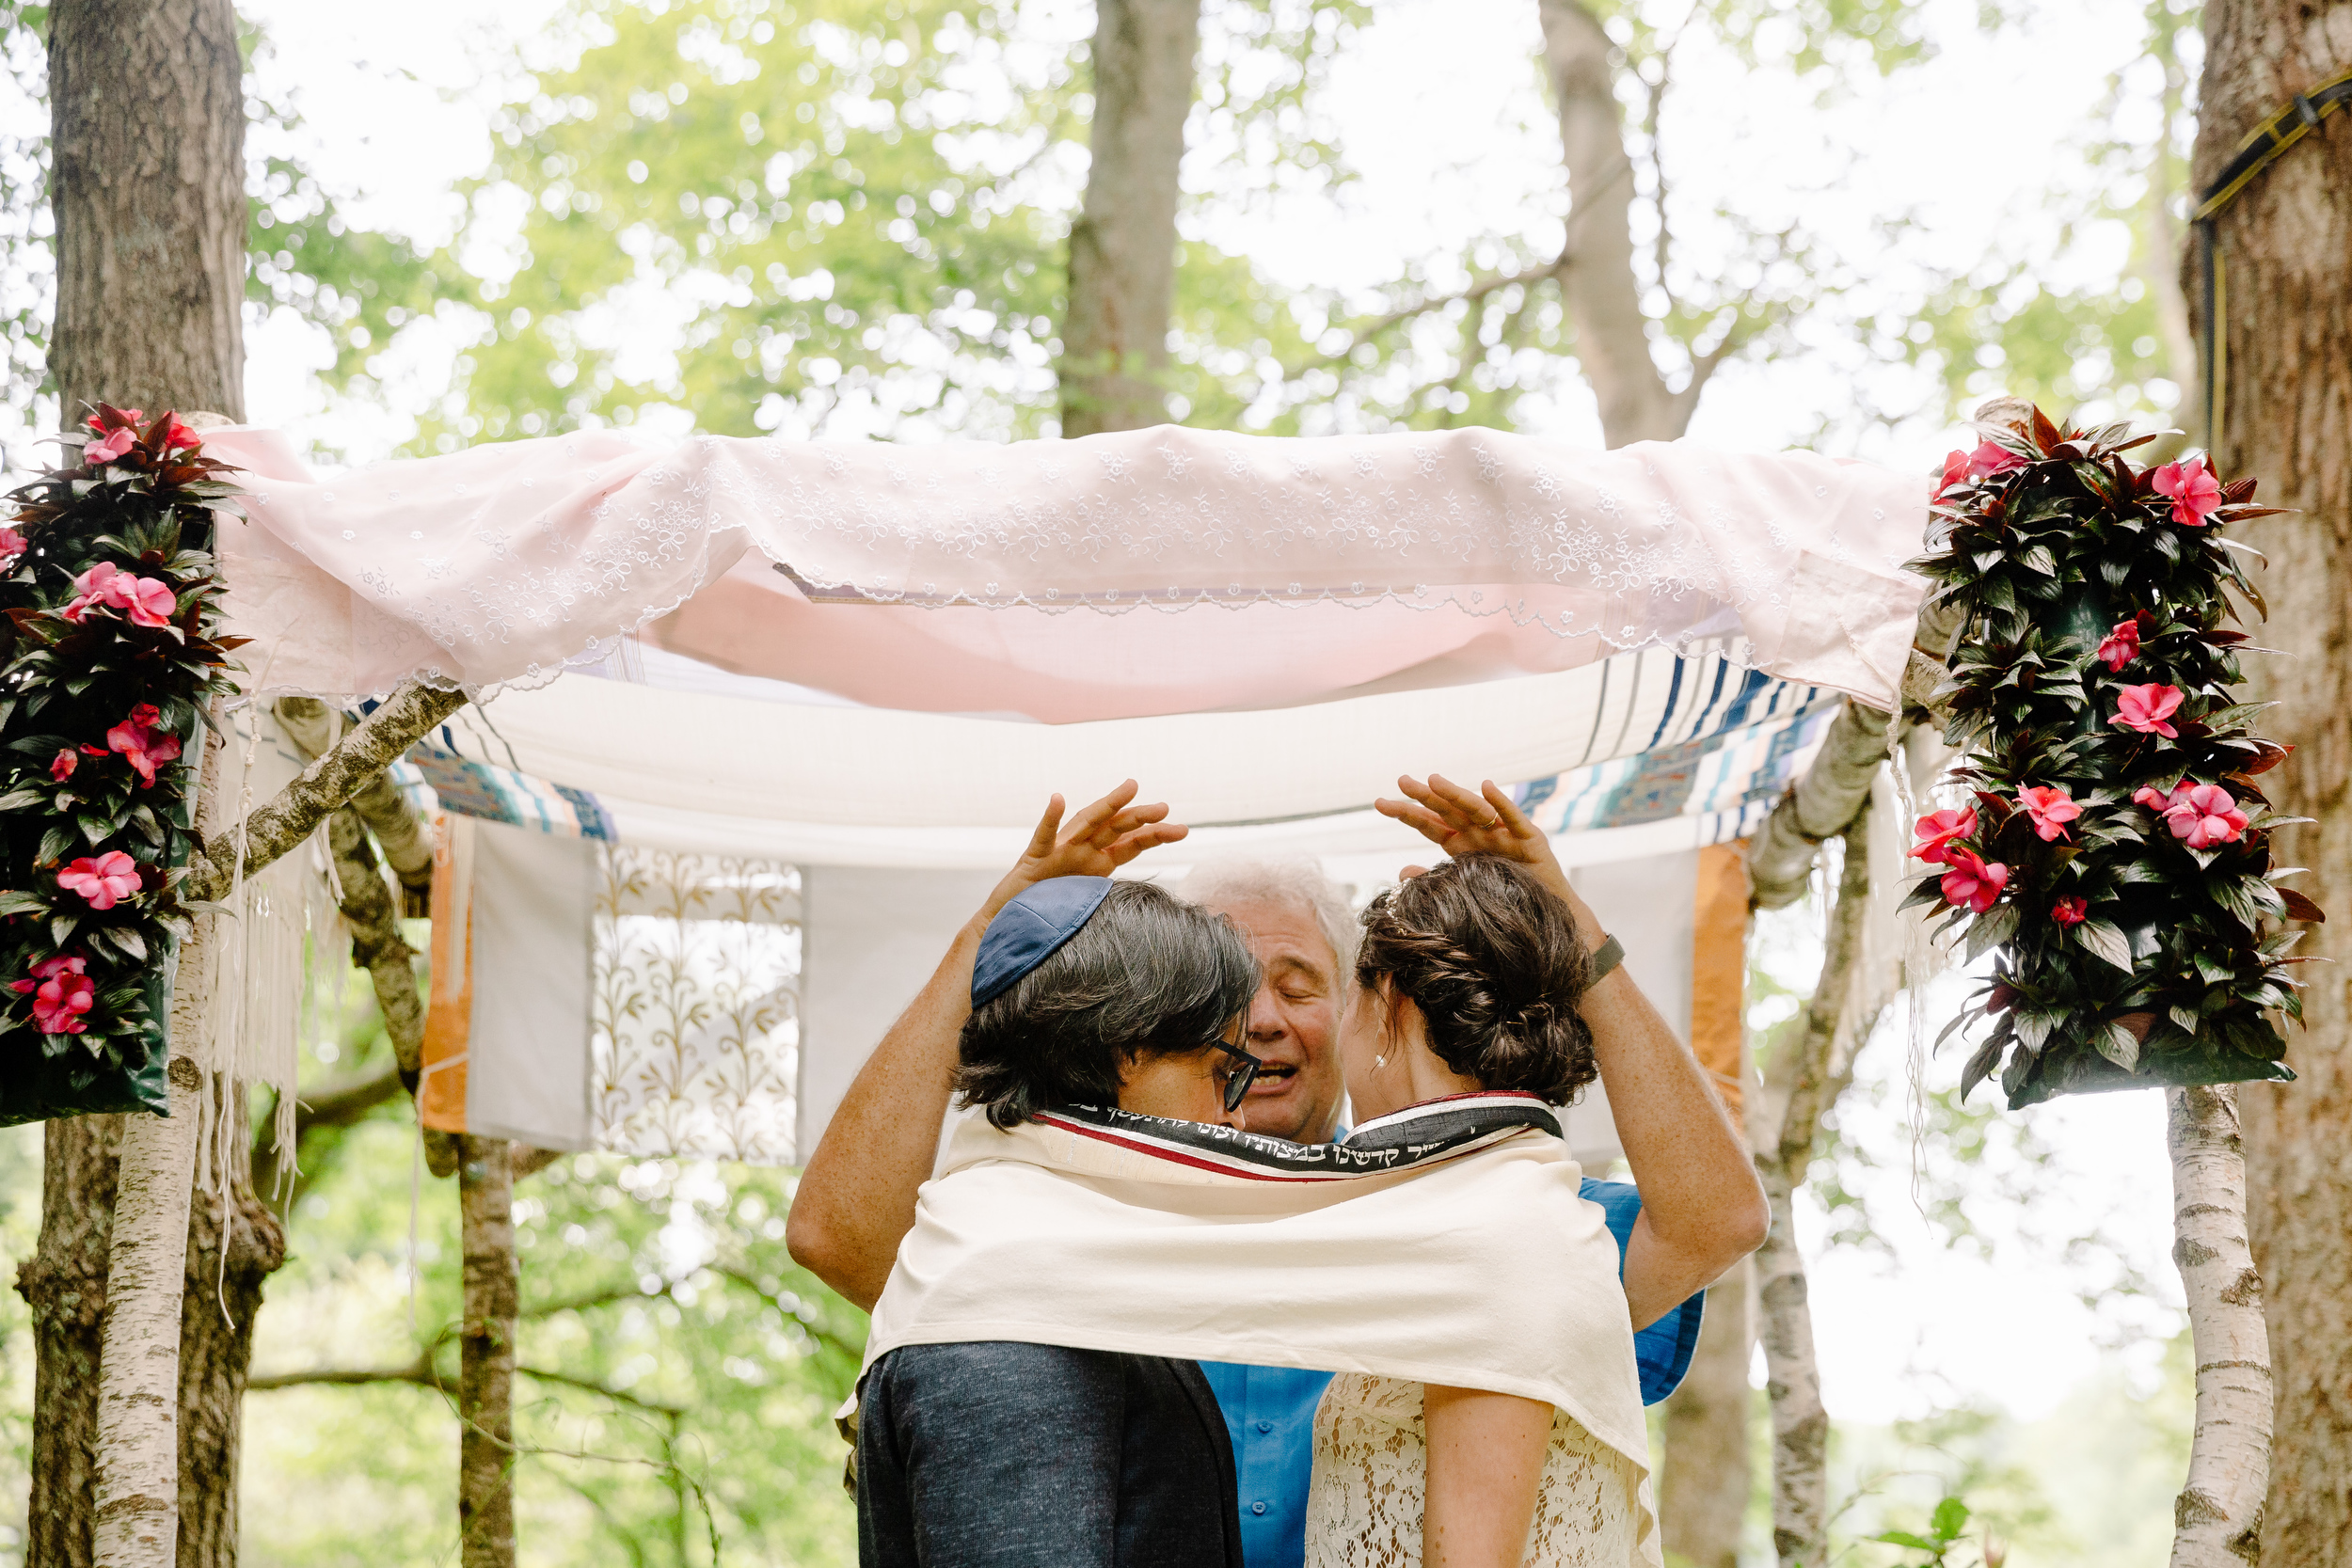 capecod_backyard_wedding_photos_mikhail_25.JPG